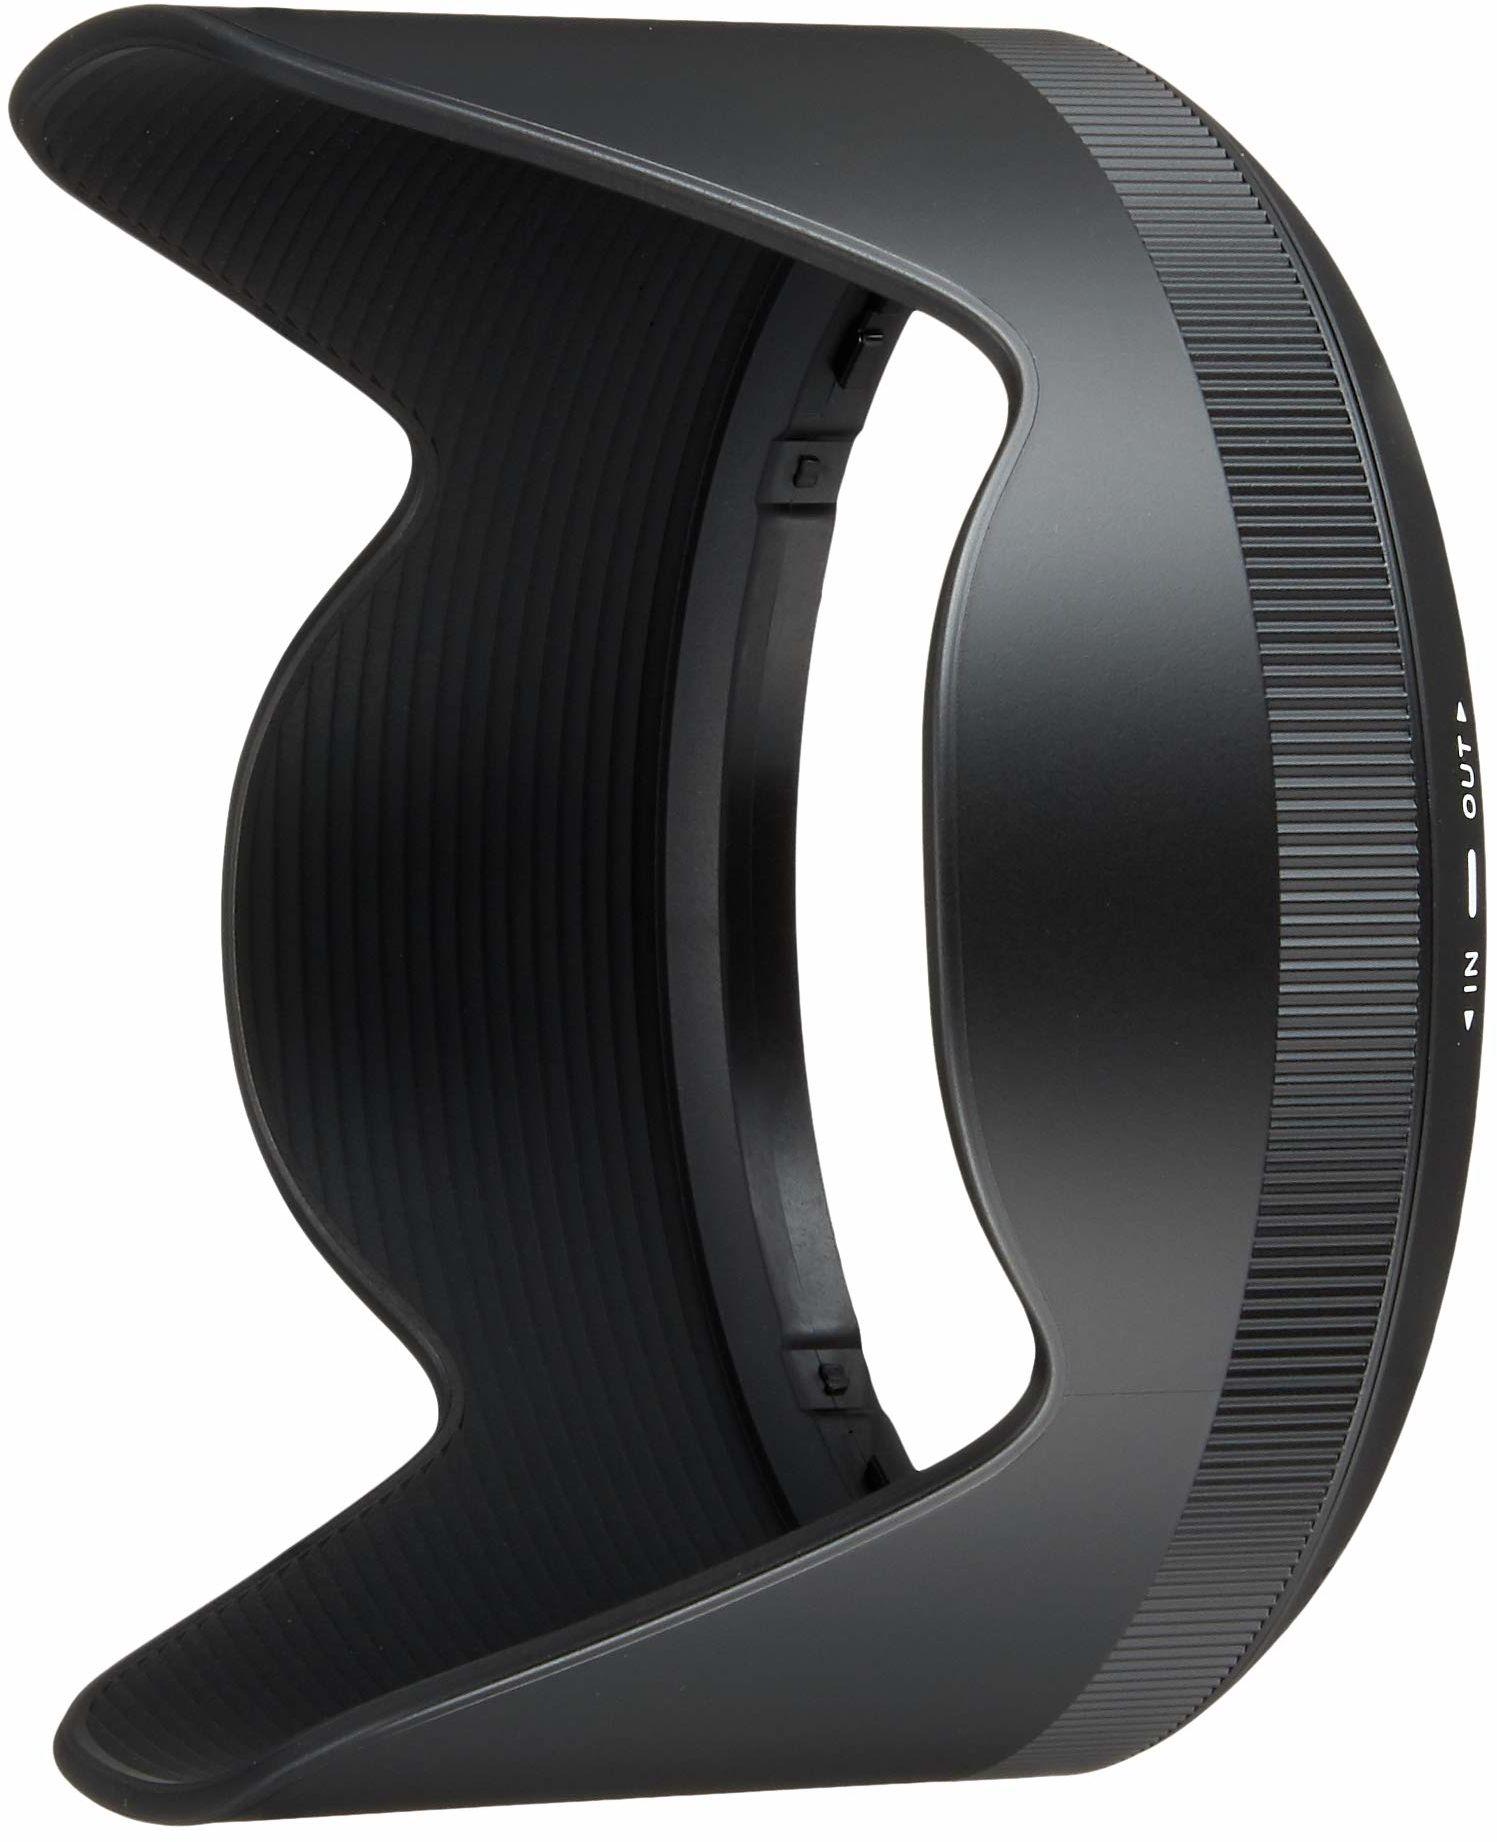 Sigma LH780-06 osłona przeciwsłoneczna (18-35 mm/F1,8 do DC) czarna